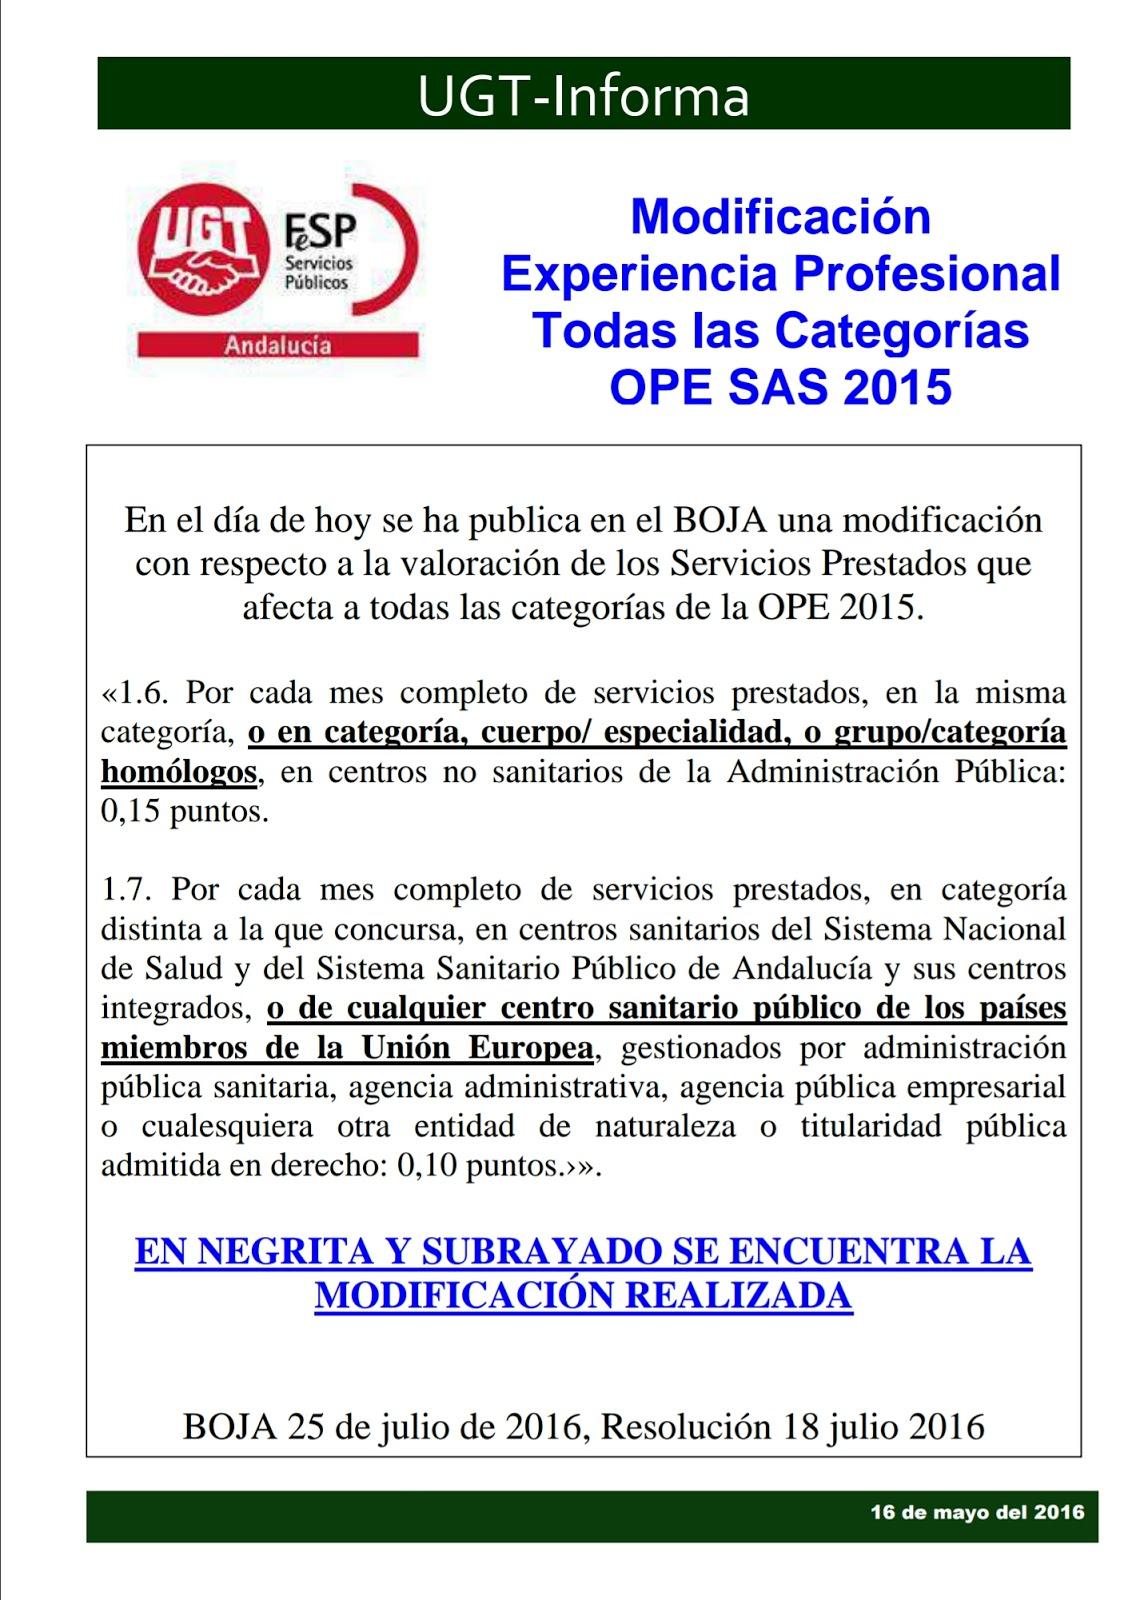 UGT INFORMA MODIFICACIÓN EXPERIENCIA LABORAL OPE SAS 2015